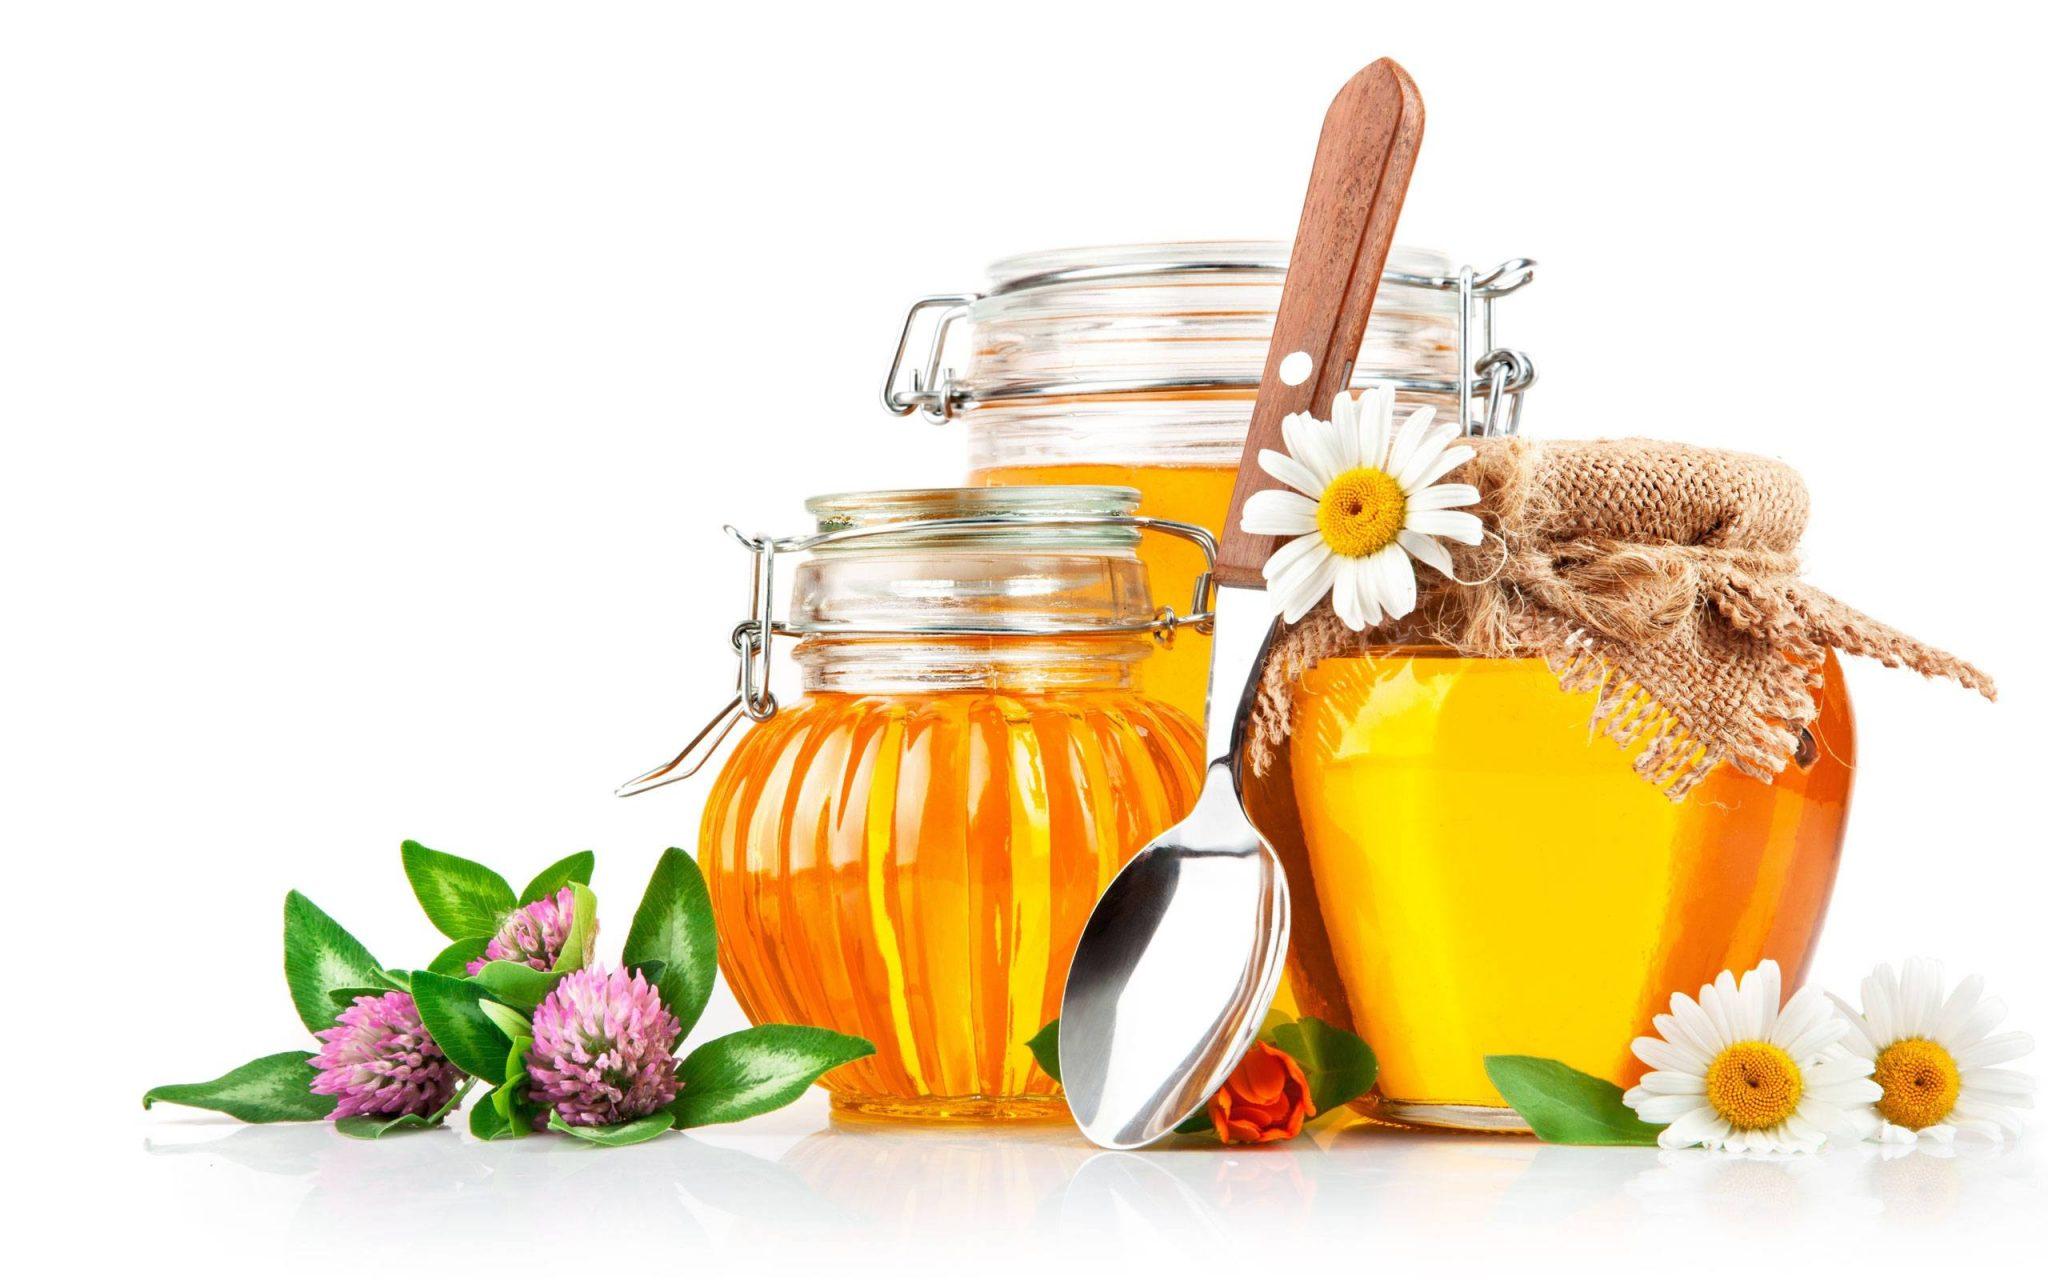 فوائد العسل حقائق مذهلة وفريدة الكثير منا لايعلمها